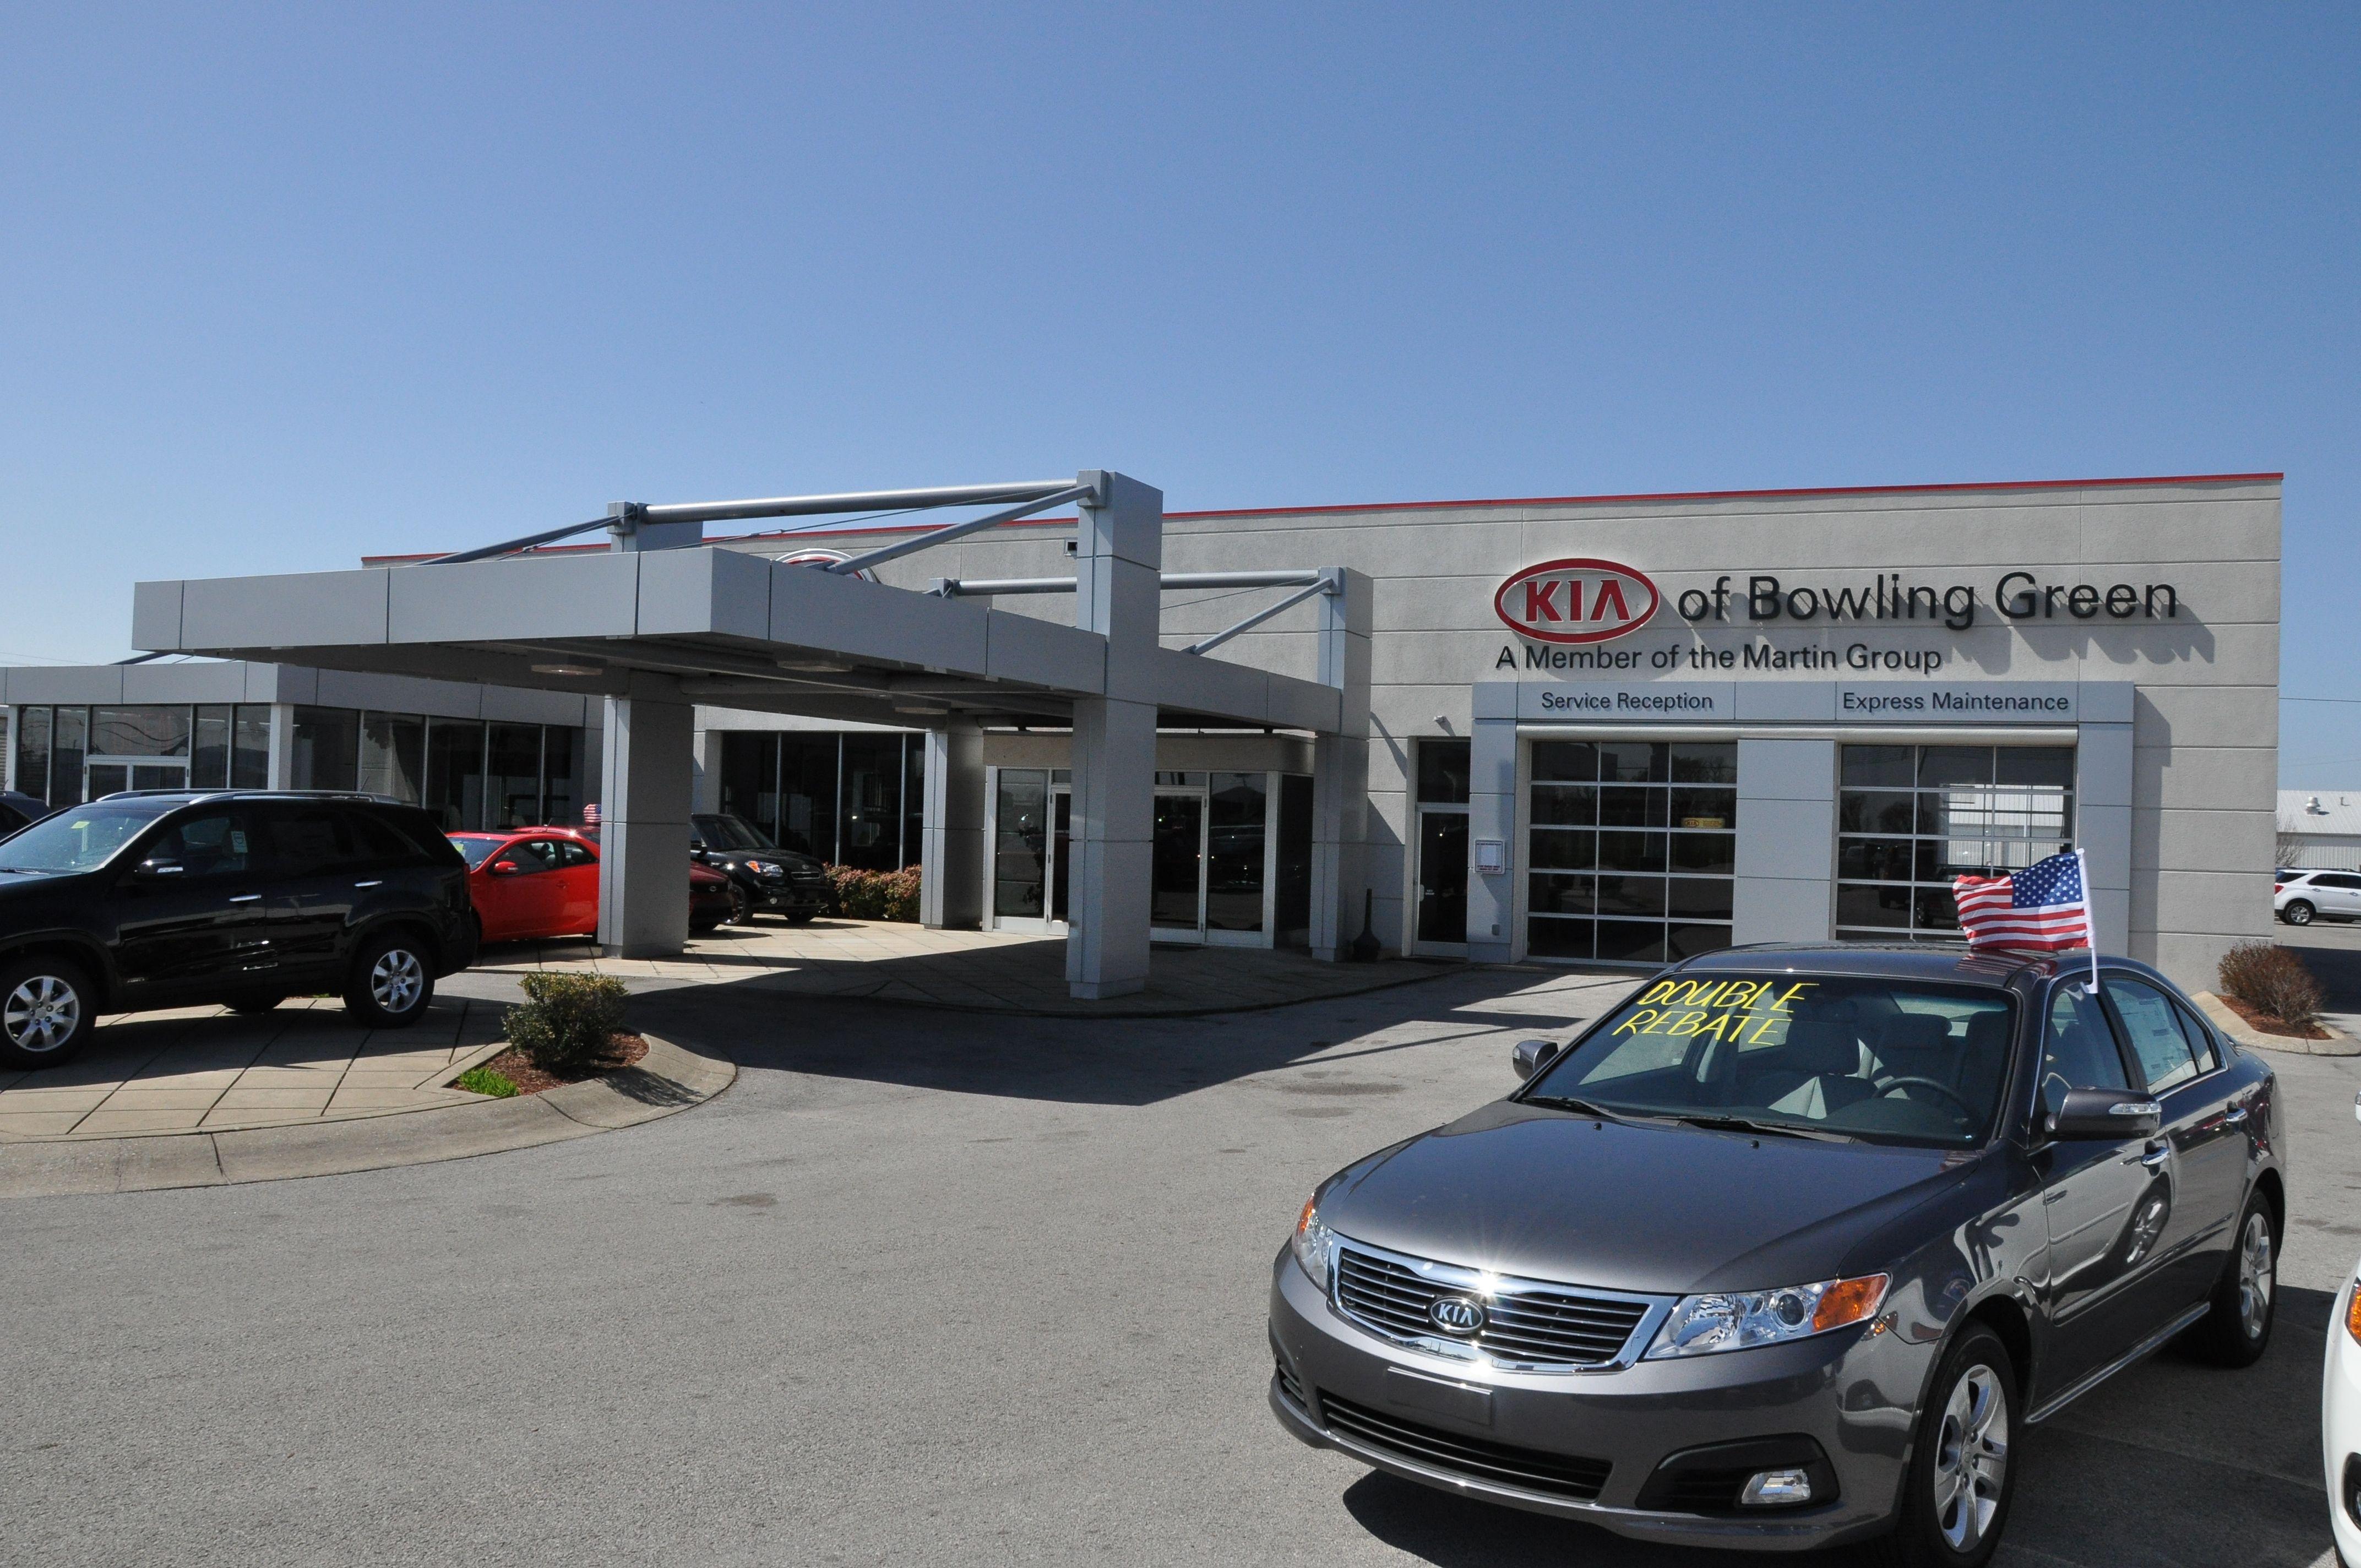 Martin Kia Sell Car Kia Car Buying